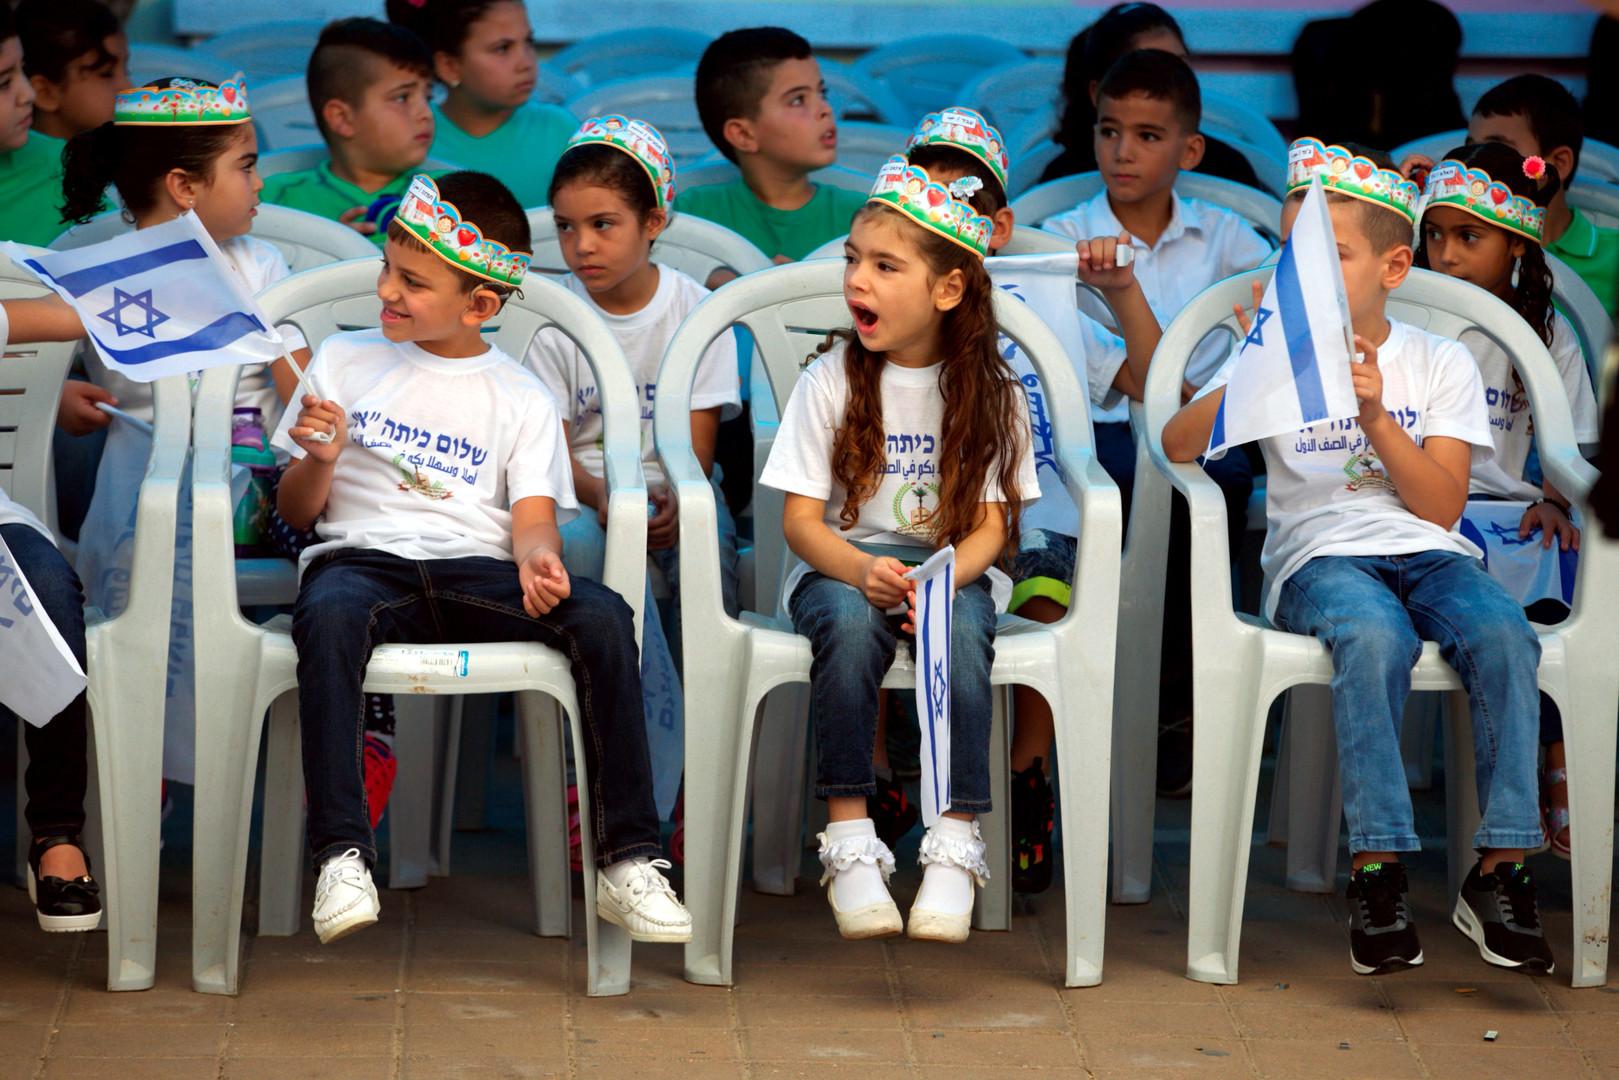 Ученики начальной школы города Тамра перед визитом премьер-министра Израиля Биньямина Нетаньяху